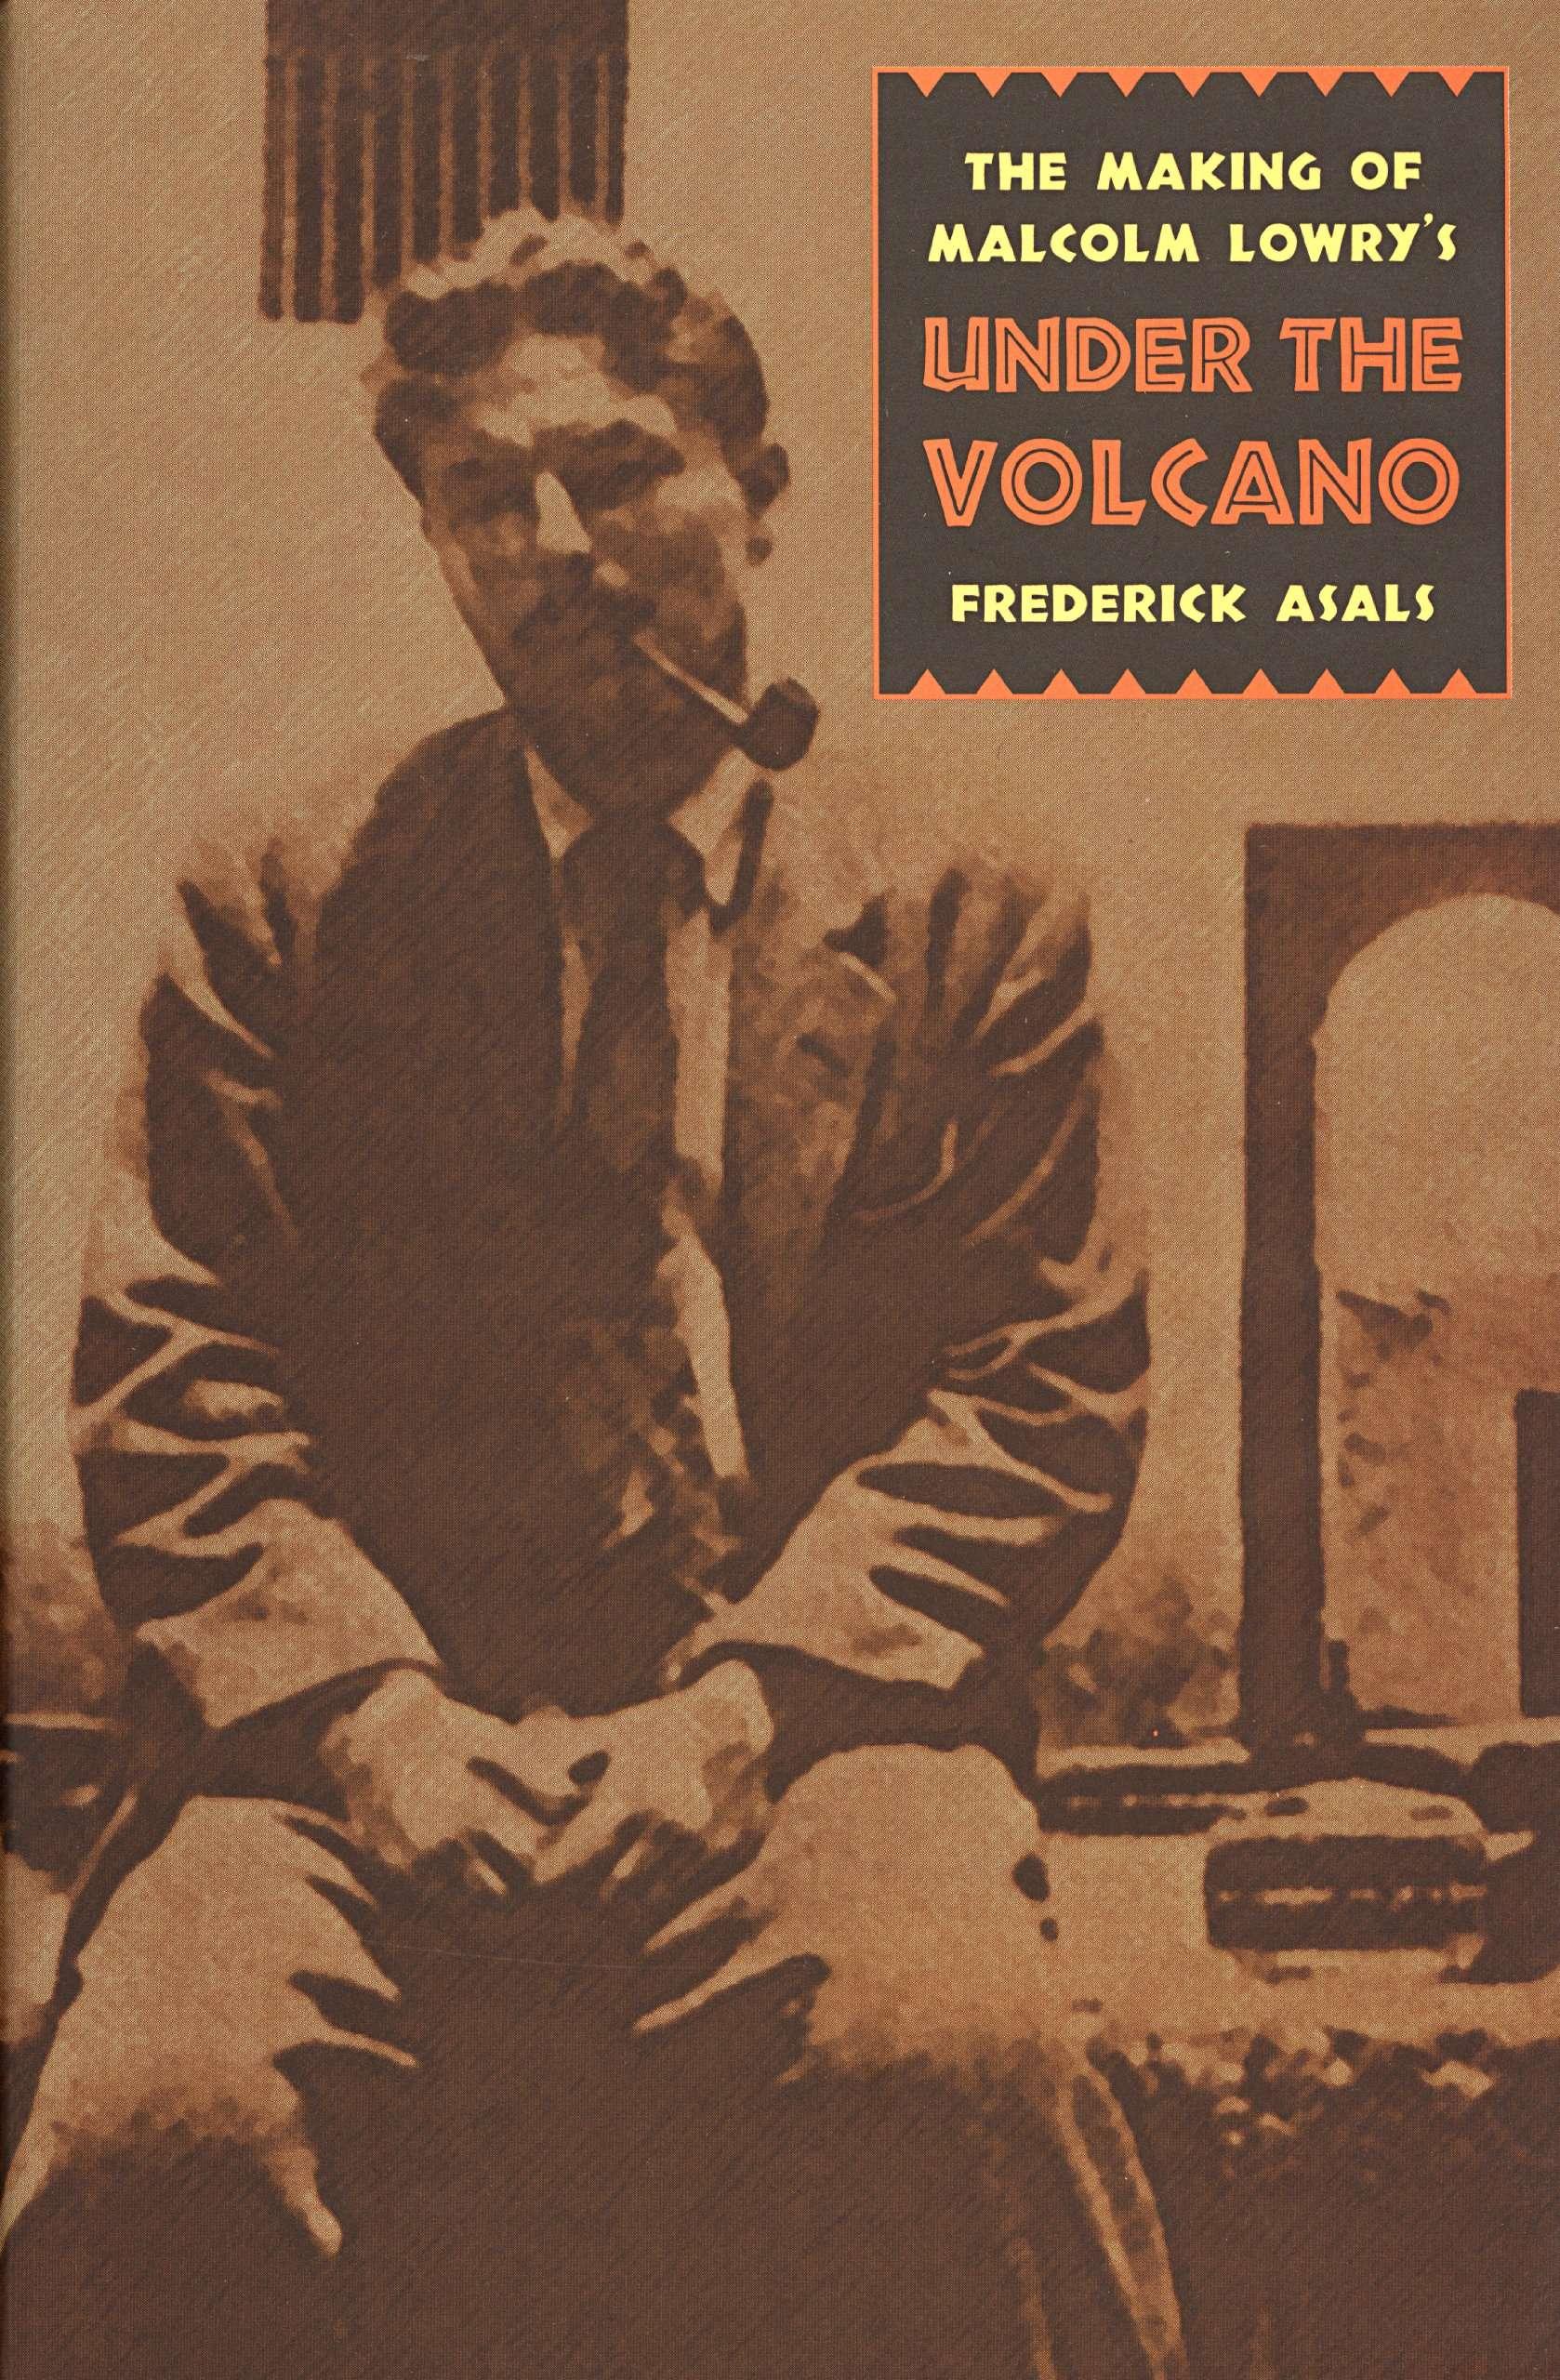 Μάλκολμ Λόουρυ: «Κάτω από το Ηφαίστειο»